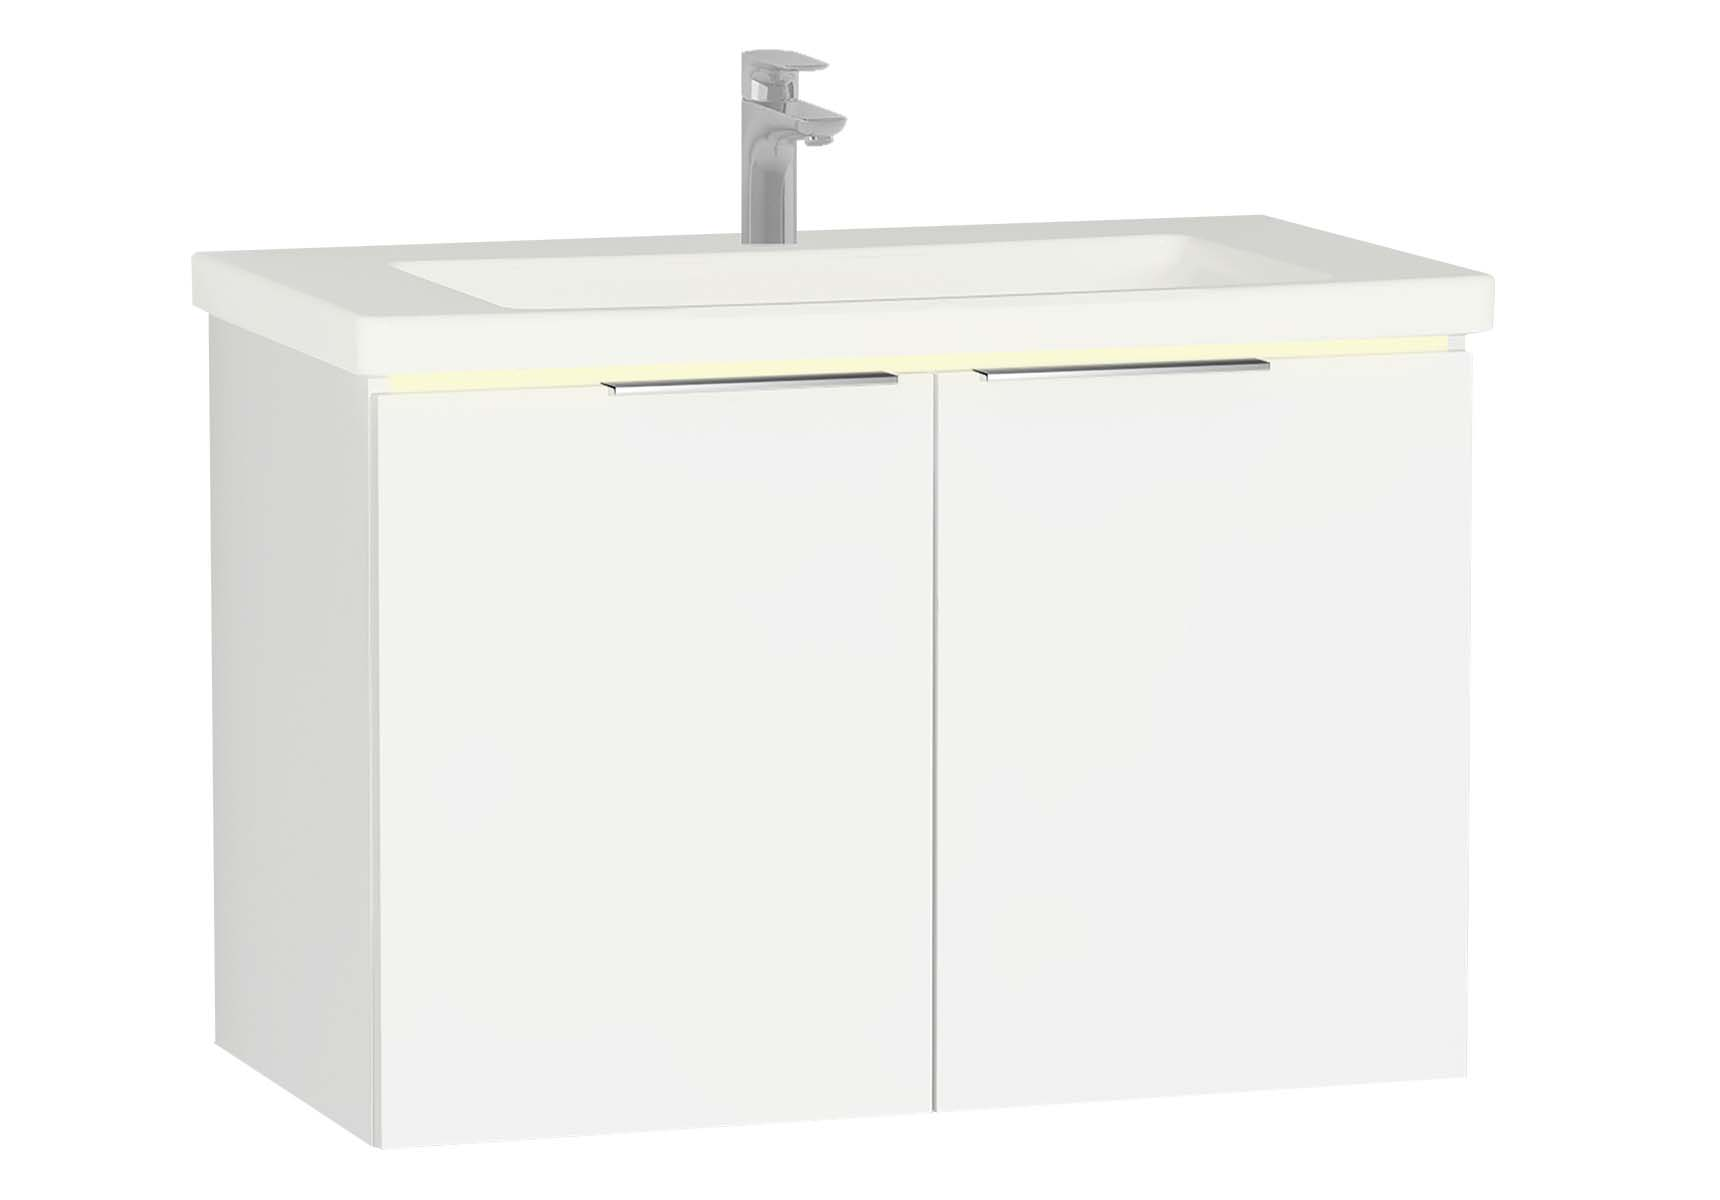 Central Washbasin Unit with doors, 90 cm, White High Gloss, Ceramic Washbasin, Led